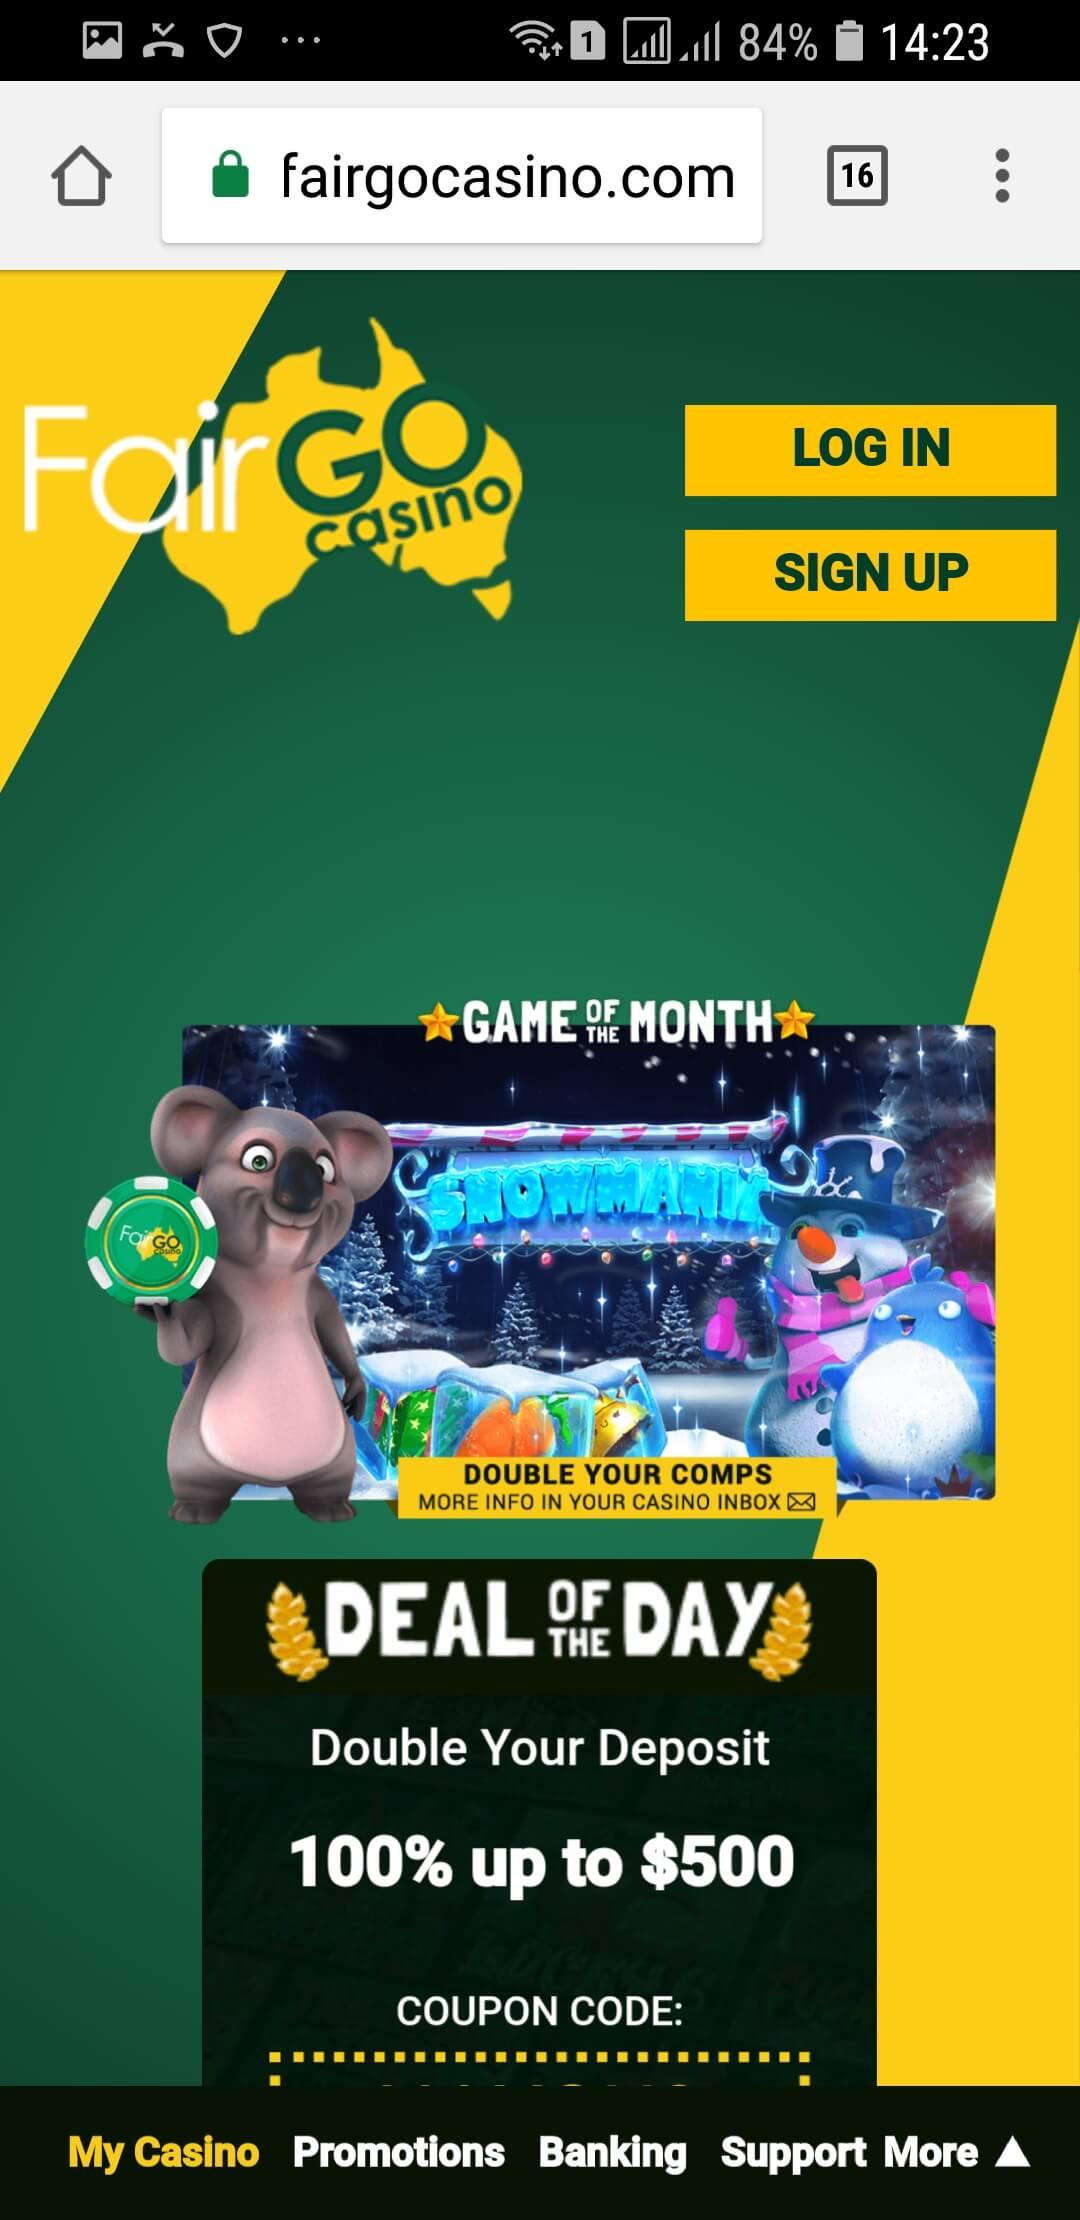 Fair Go - AU friendly casino